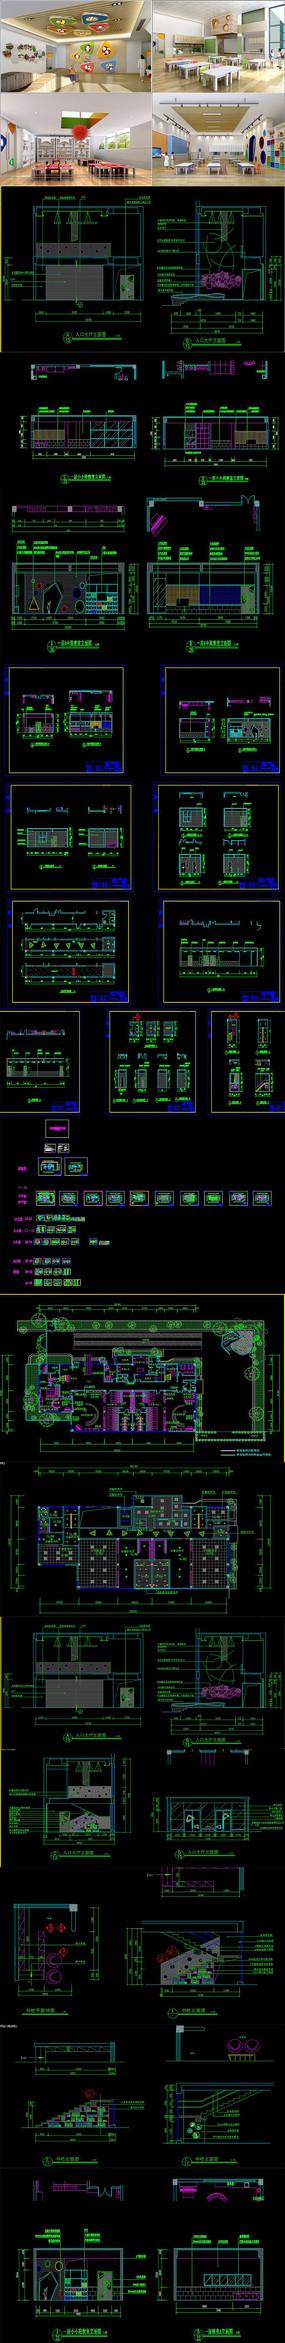 全套幼儿园CAD施工图 效果图